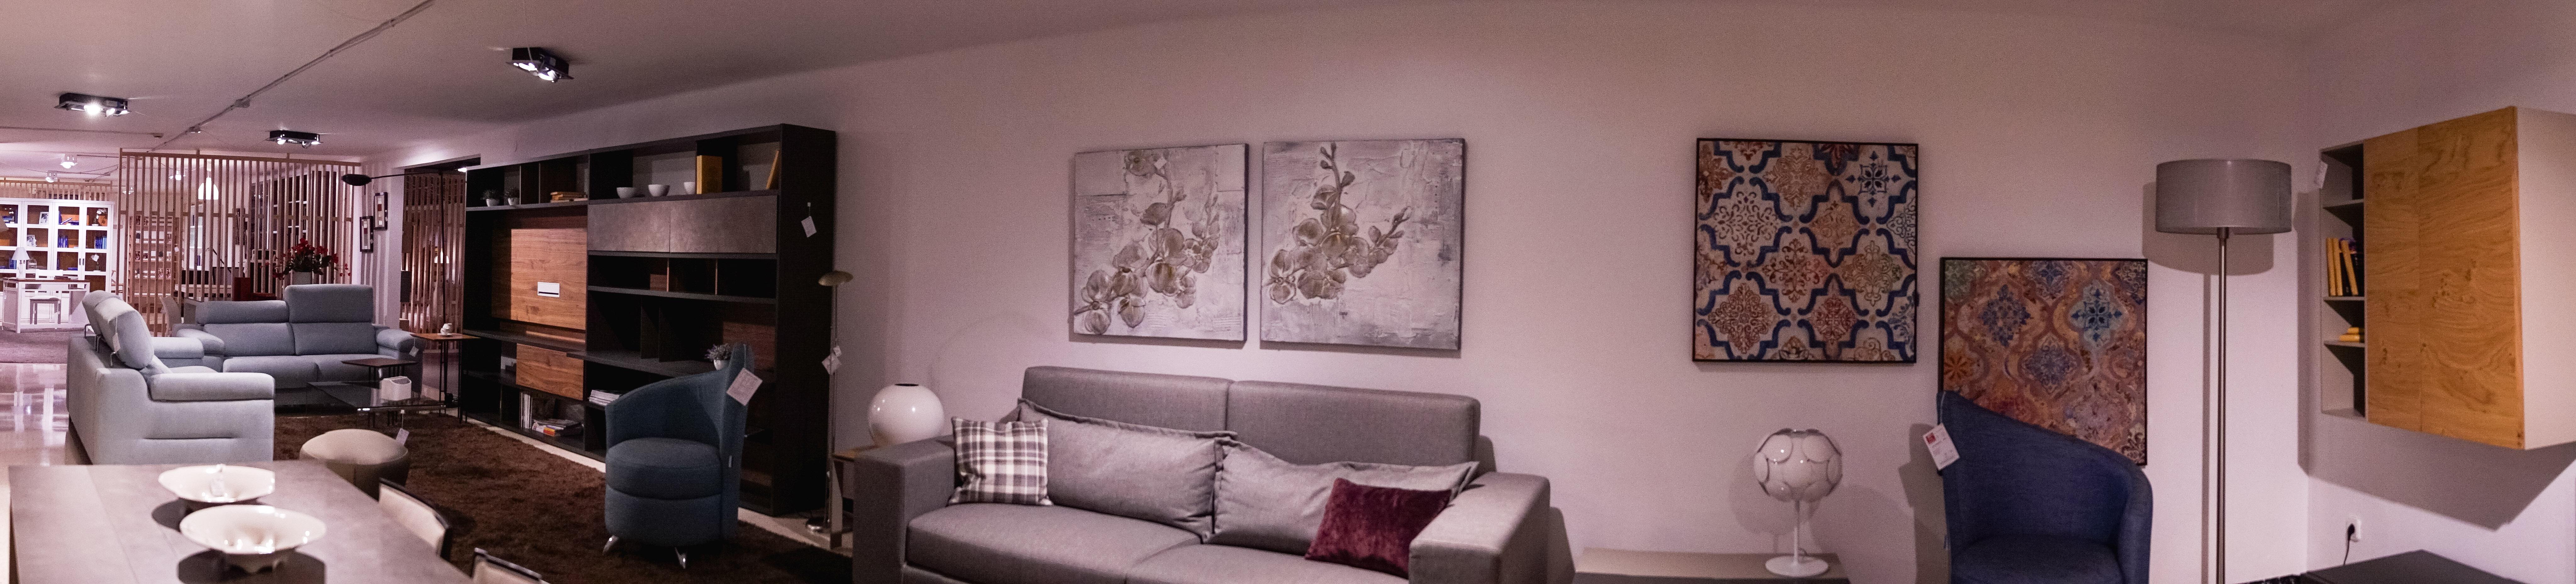 exposició mobles güell